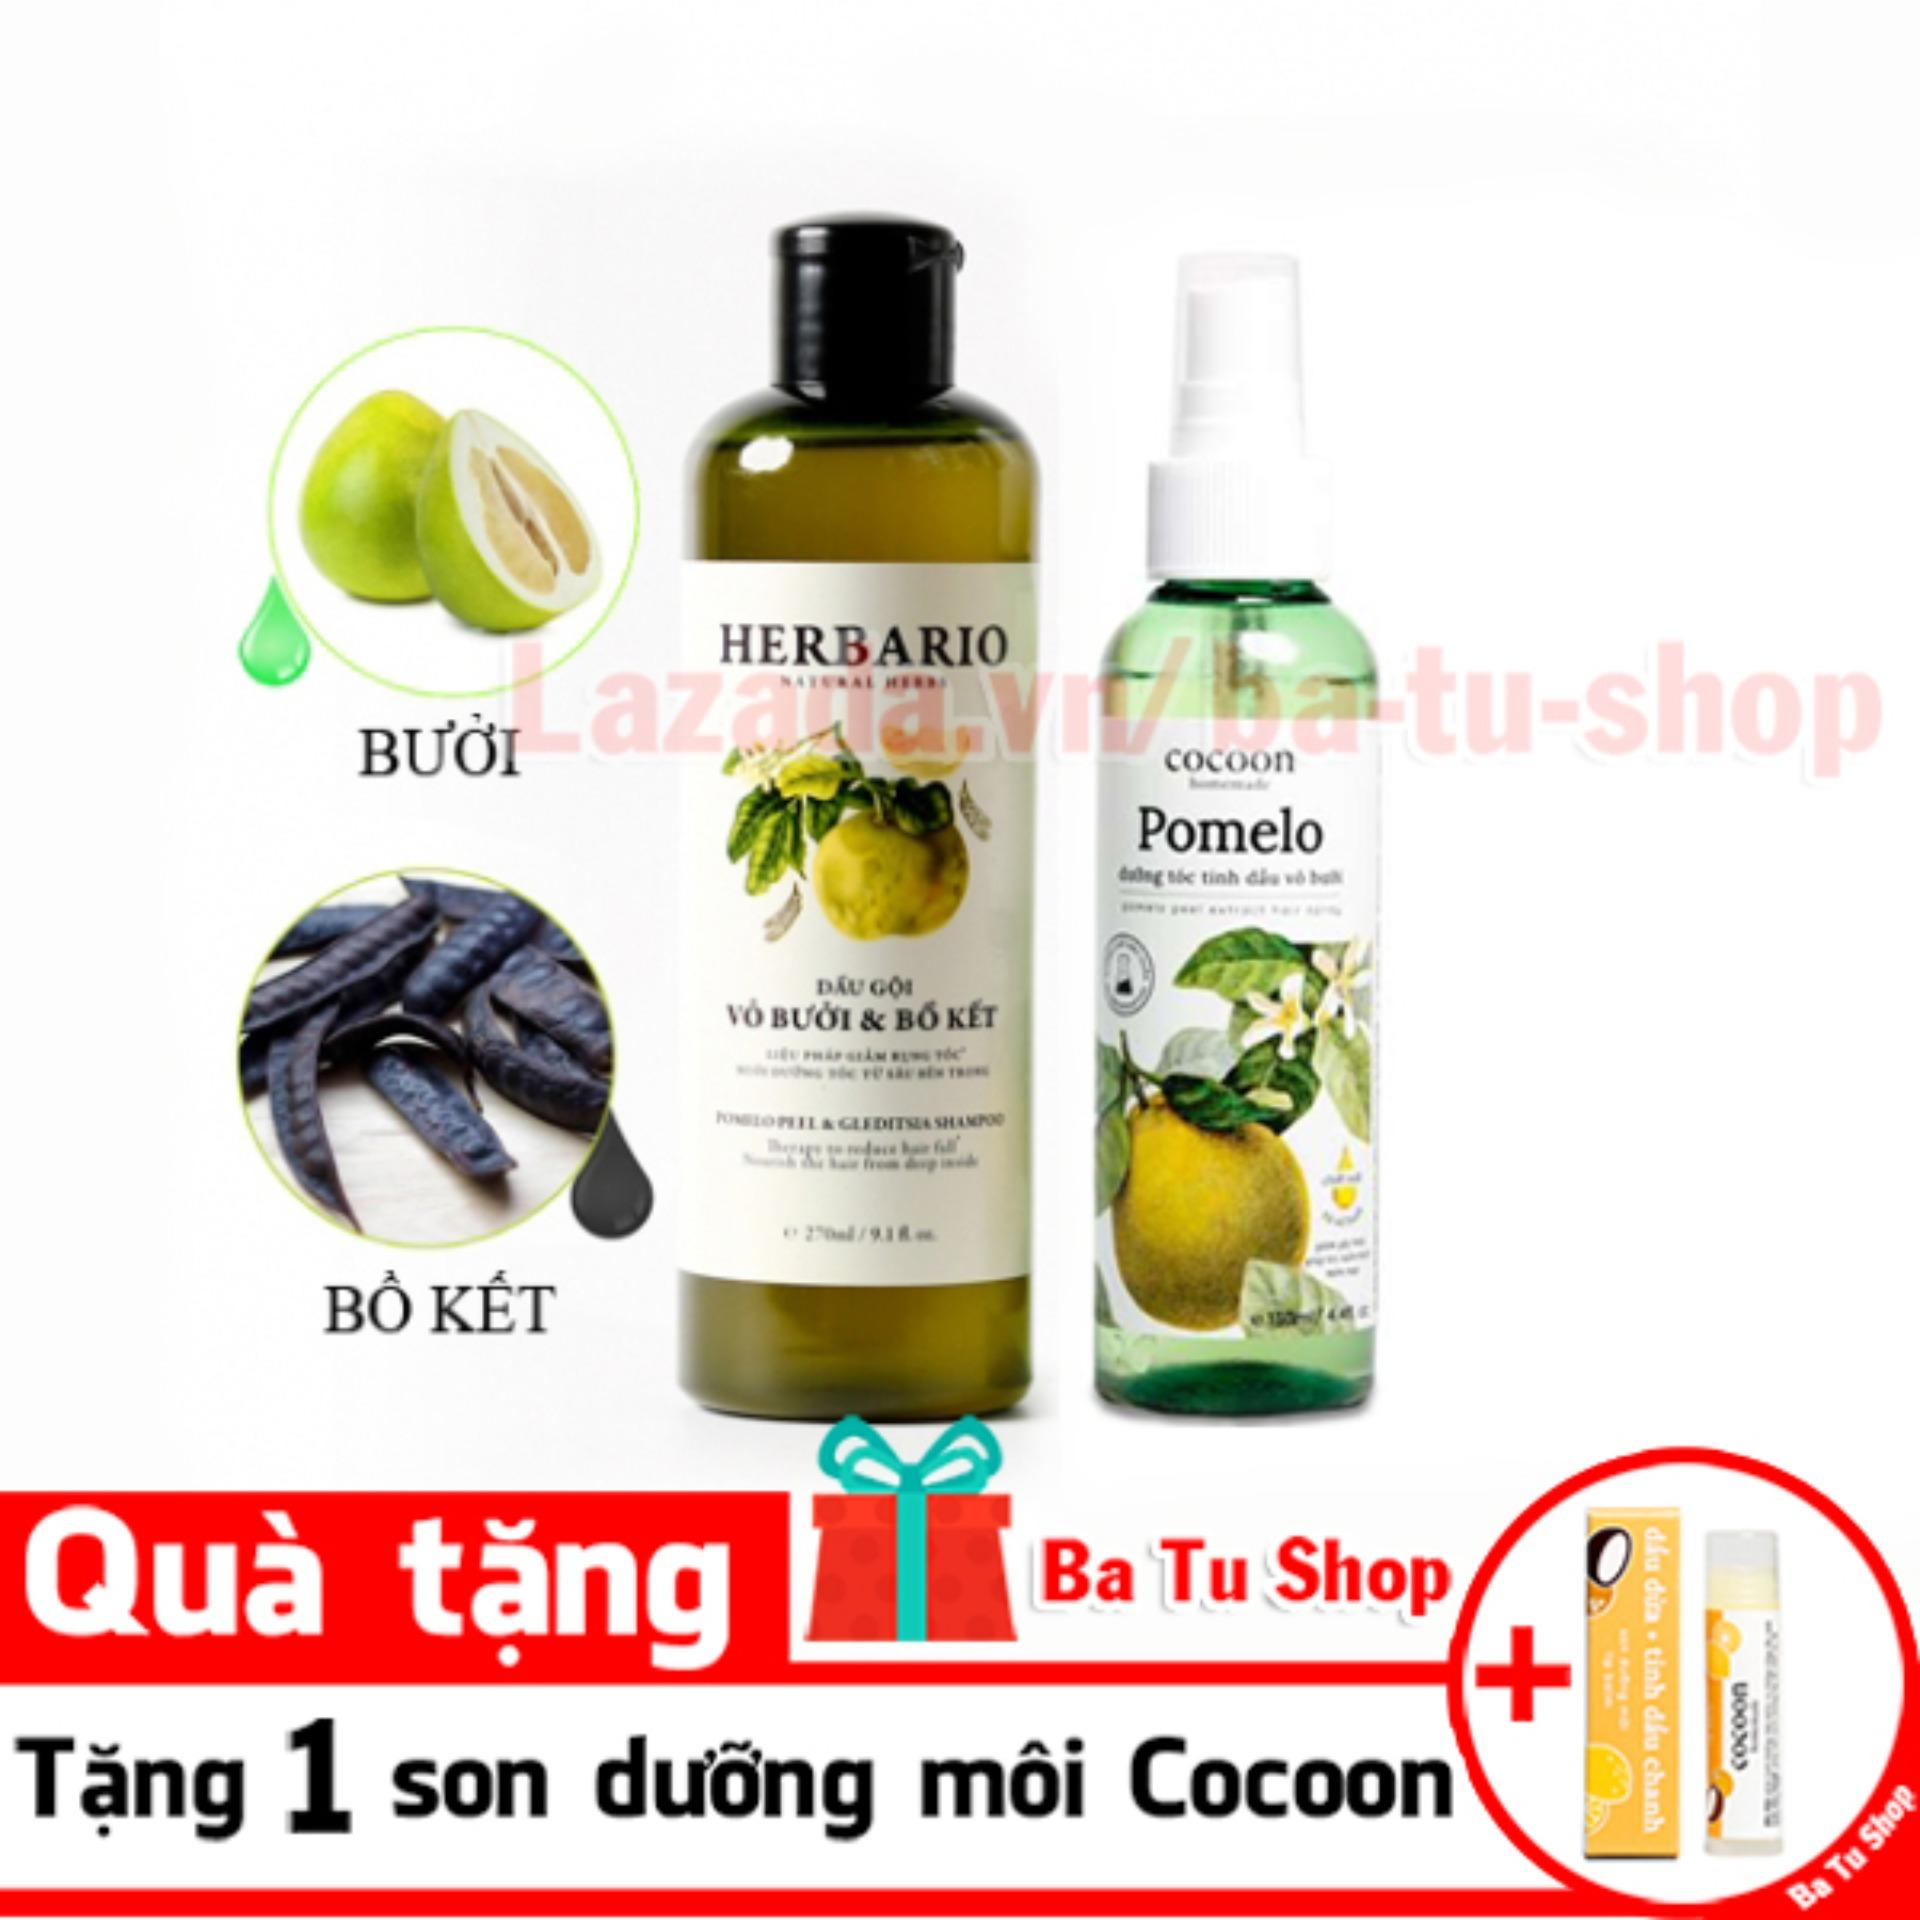 Bộ trị rụng tóc dầu gội vỏ bưởi Herbario và Dưỡng tóc Pomelo tặng 1 son dưỡng Cocoon nhập khẩu